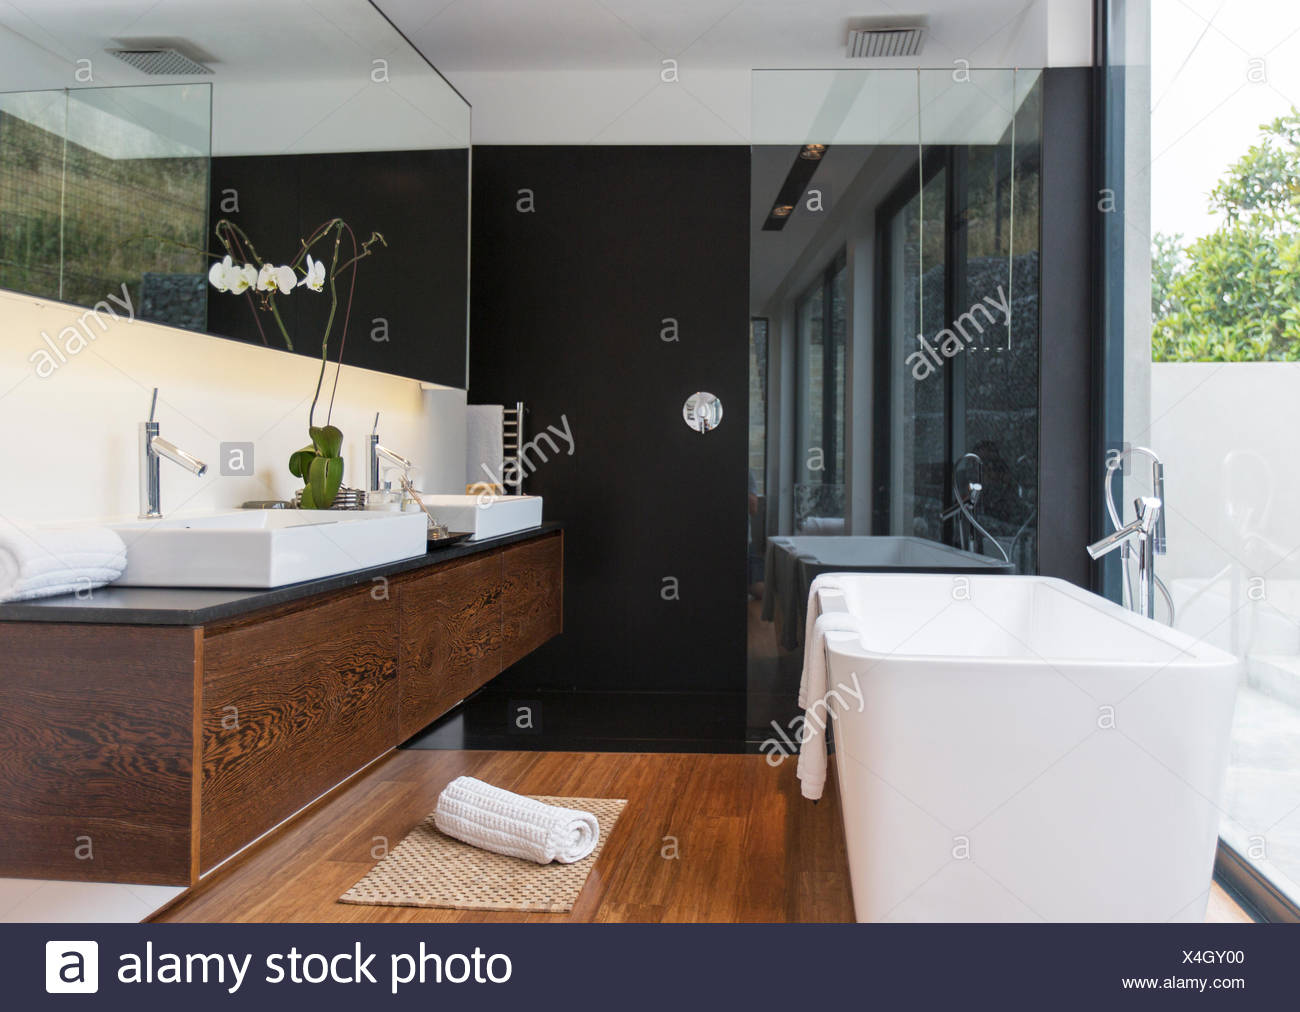 Vasca Da Bagno Espanol : Vasca da bagno e il lavandino in bagno moderno foto & immagine stock